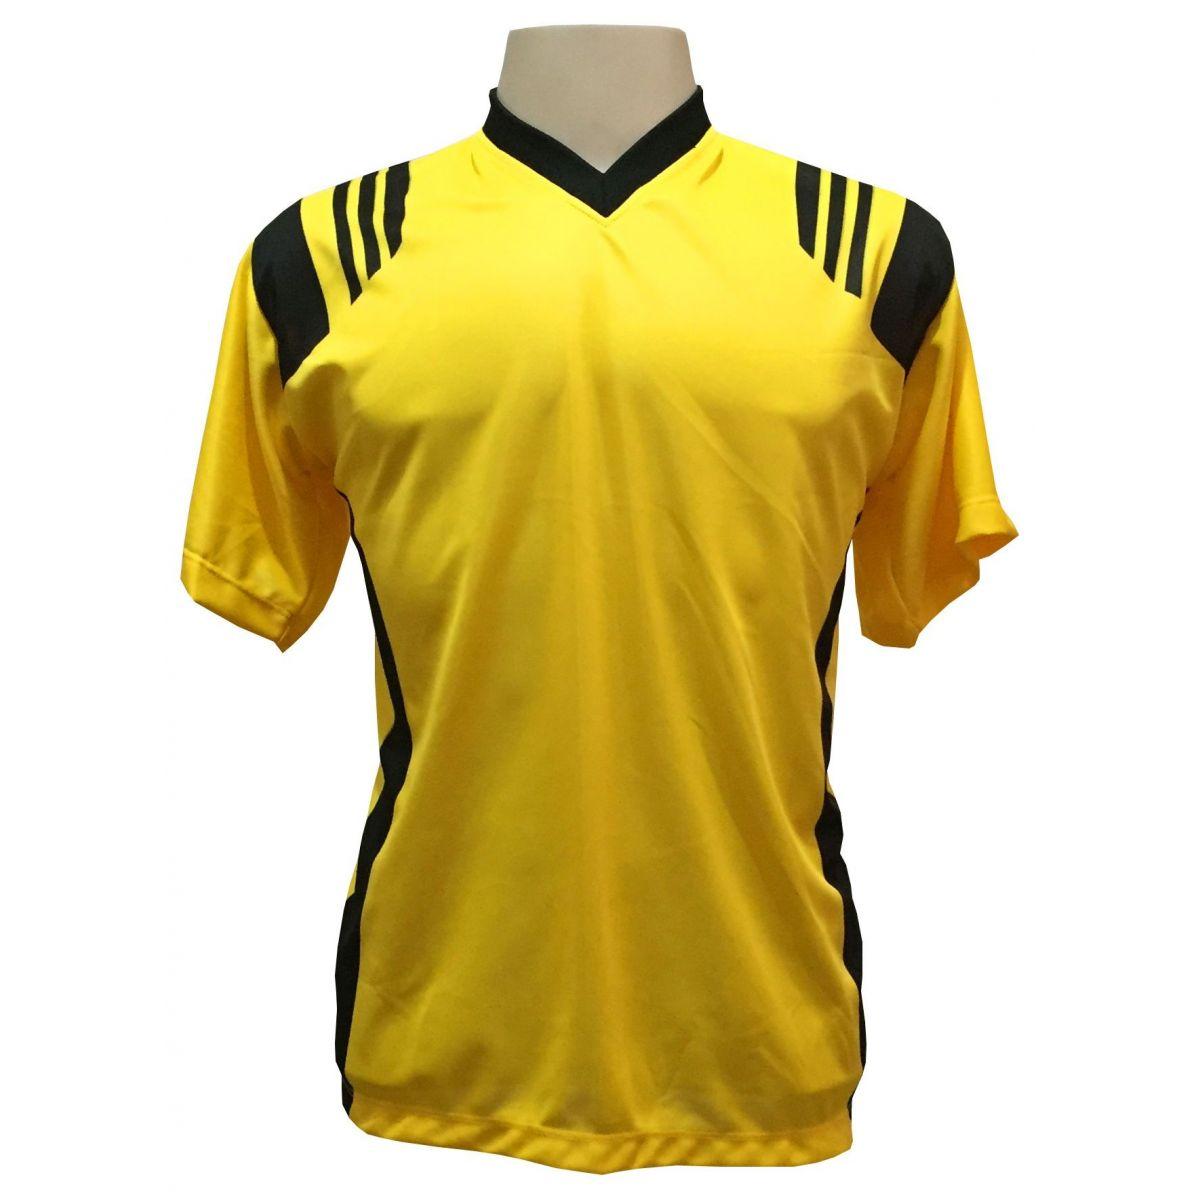 Jogo de Camisa com 20 unidades modelo Roma Amarelo/Preto + 1 Goleiro + Brindes